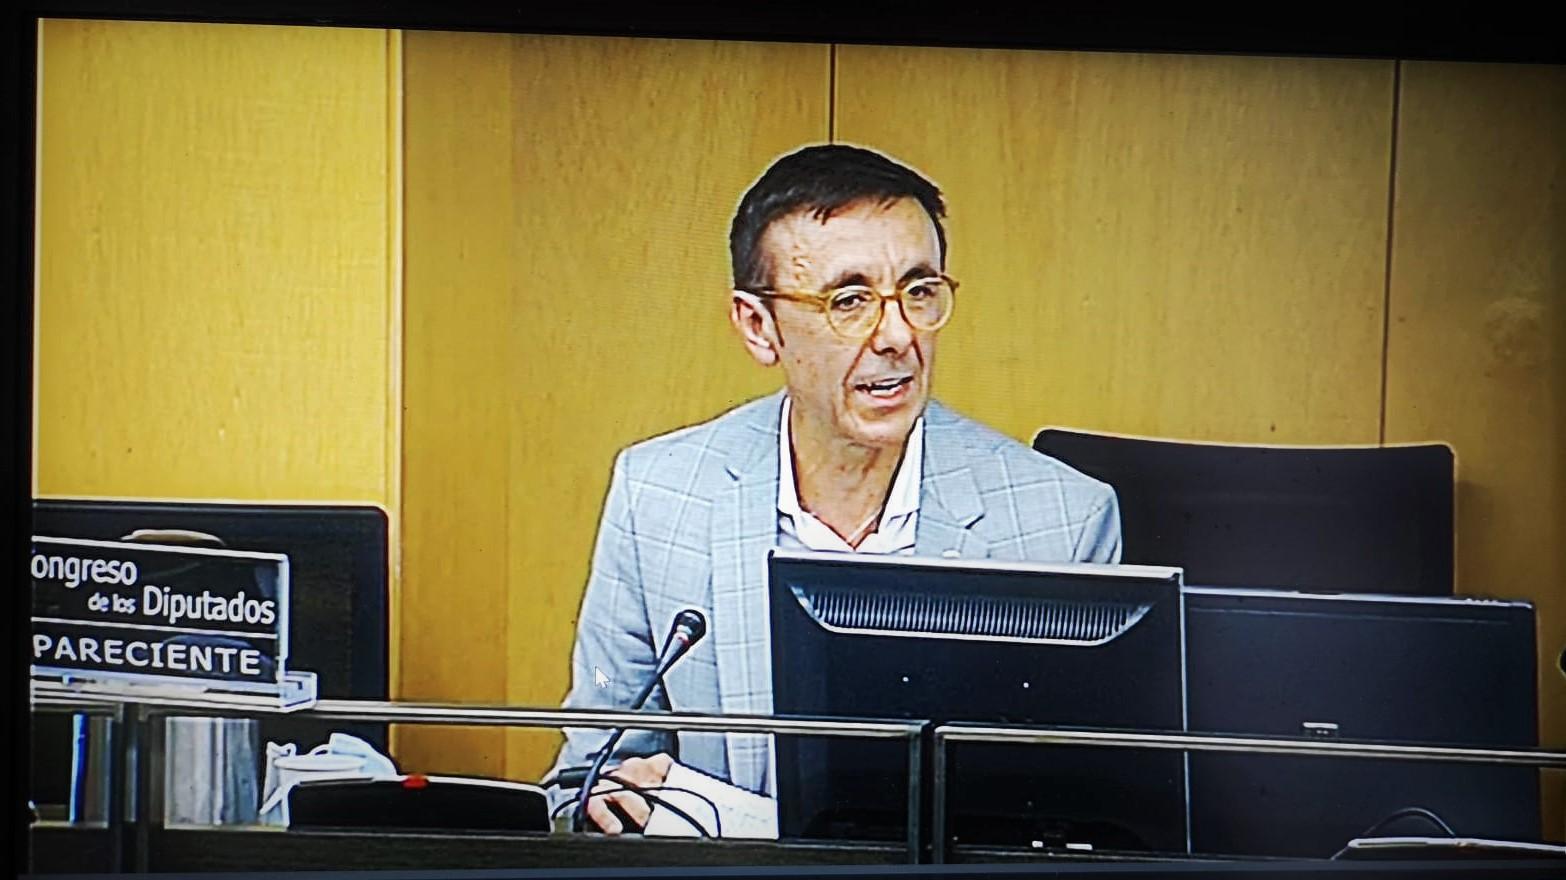 José Hidalgo, la voz del deporte español en la Mesa de Reconstrucción del Congreso